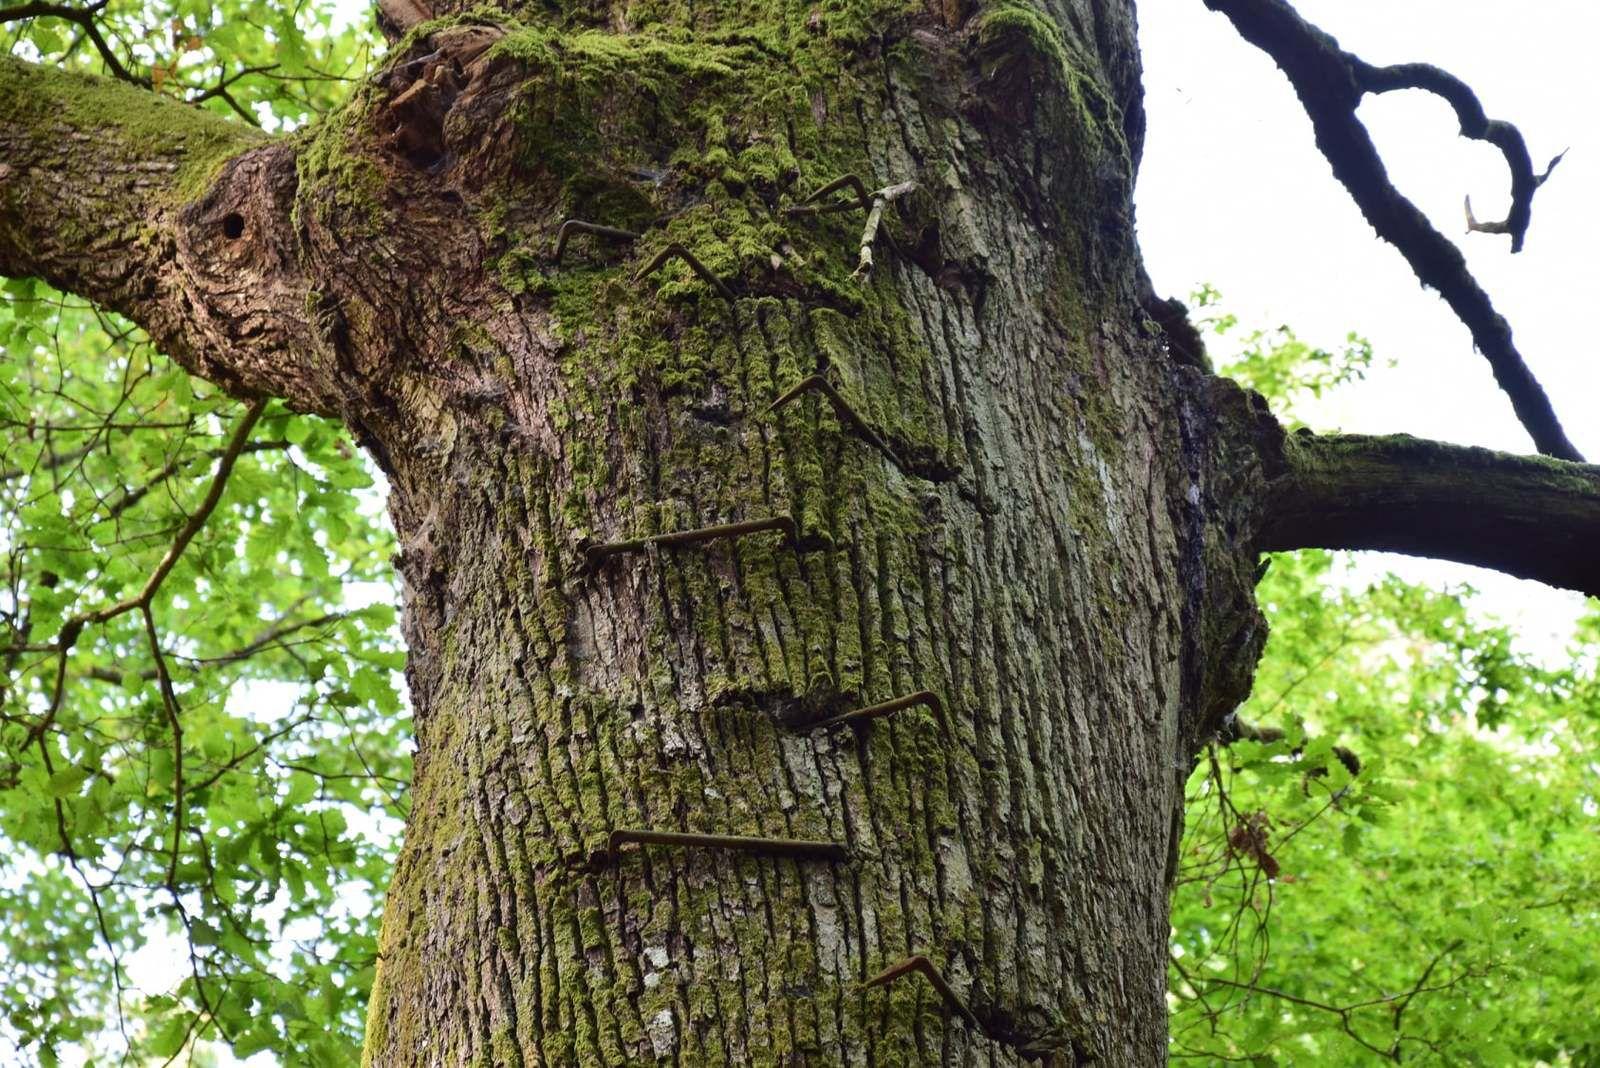 Des fers plantés il y a plus de 100 ans lui font comme une cicatrice dans son écorce